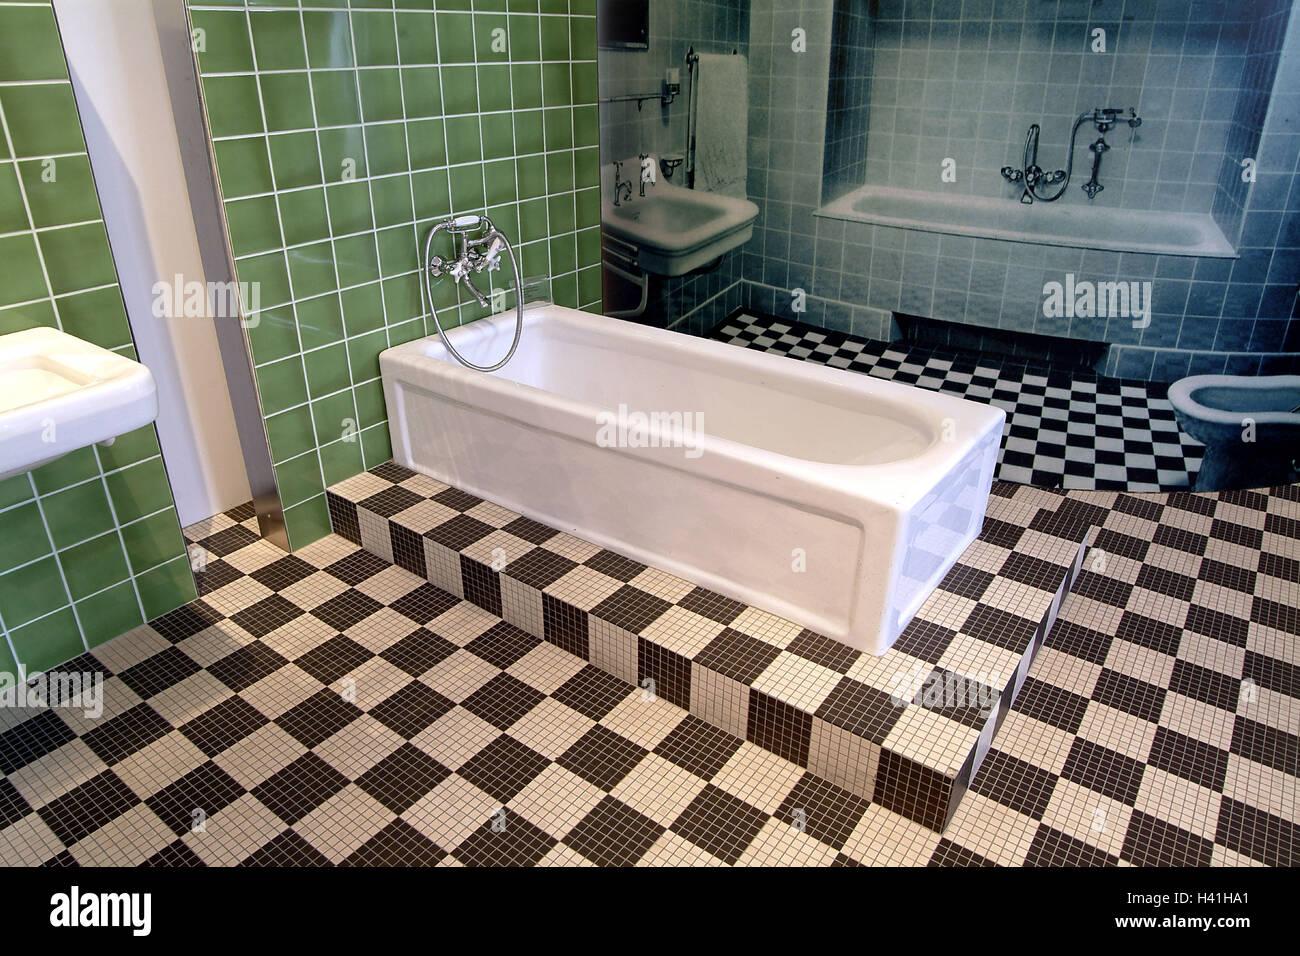 Germany, Saarland, Mettlach, Company Villeroy U0026 Boch, Exhibit, Keravision,  Bathroom, Europe, Porcelain Factory, Ceramics Company, Porcelain Company,  ...